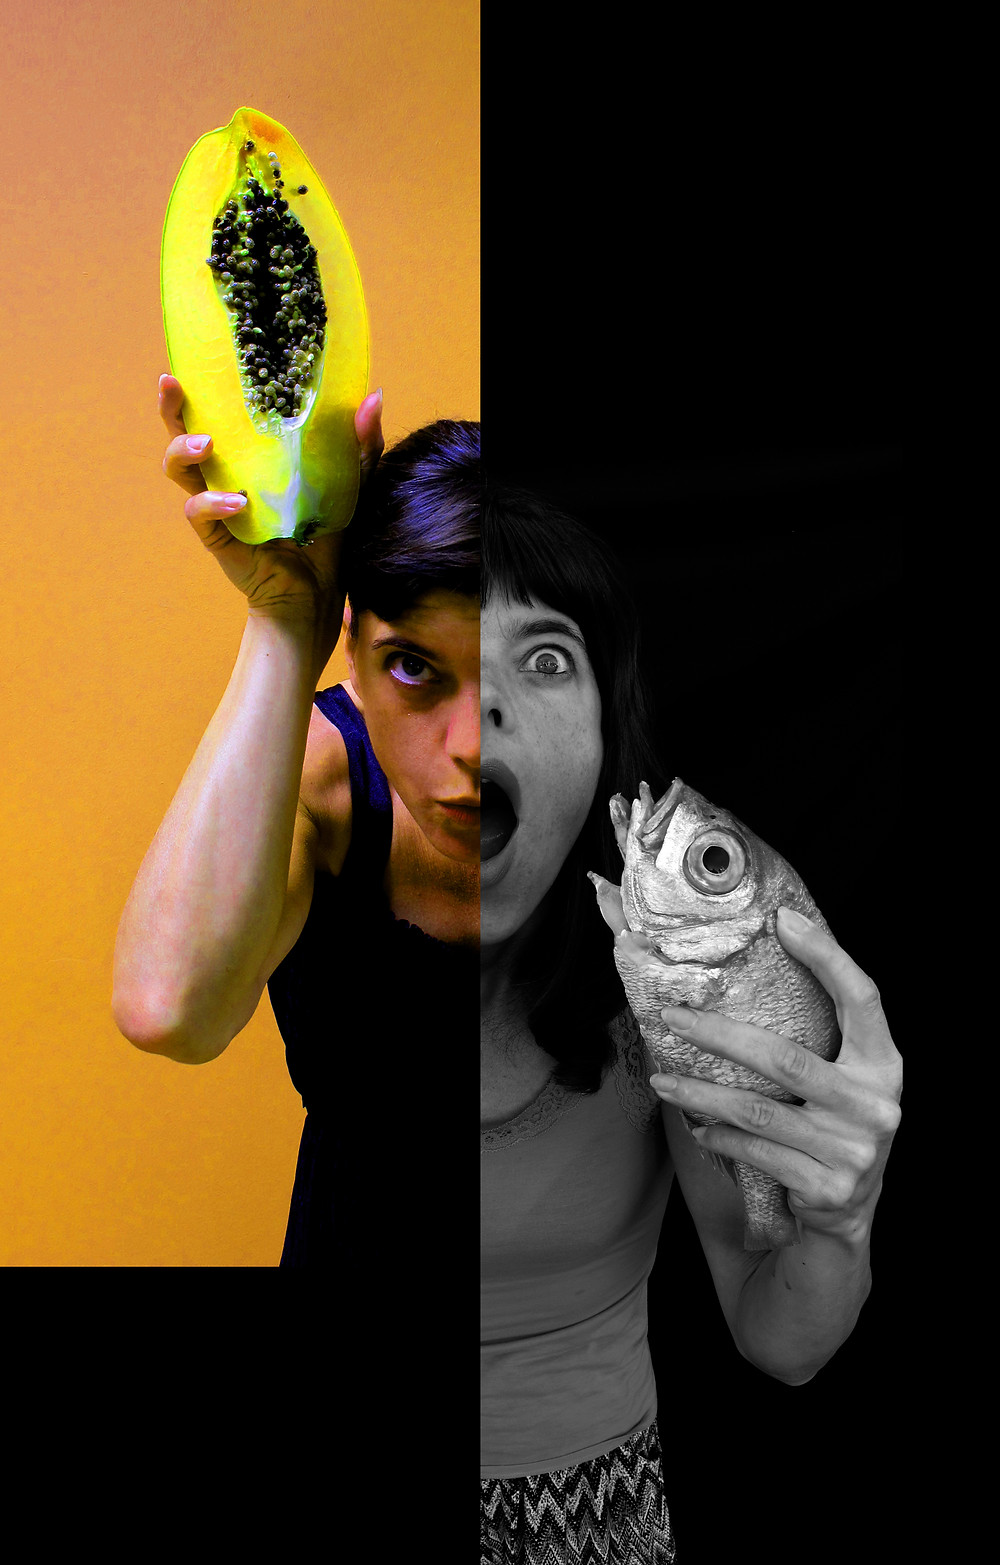 Selfie 2017 Papaya versus Boca negra fish